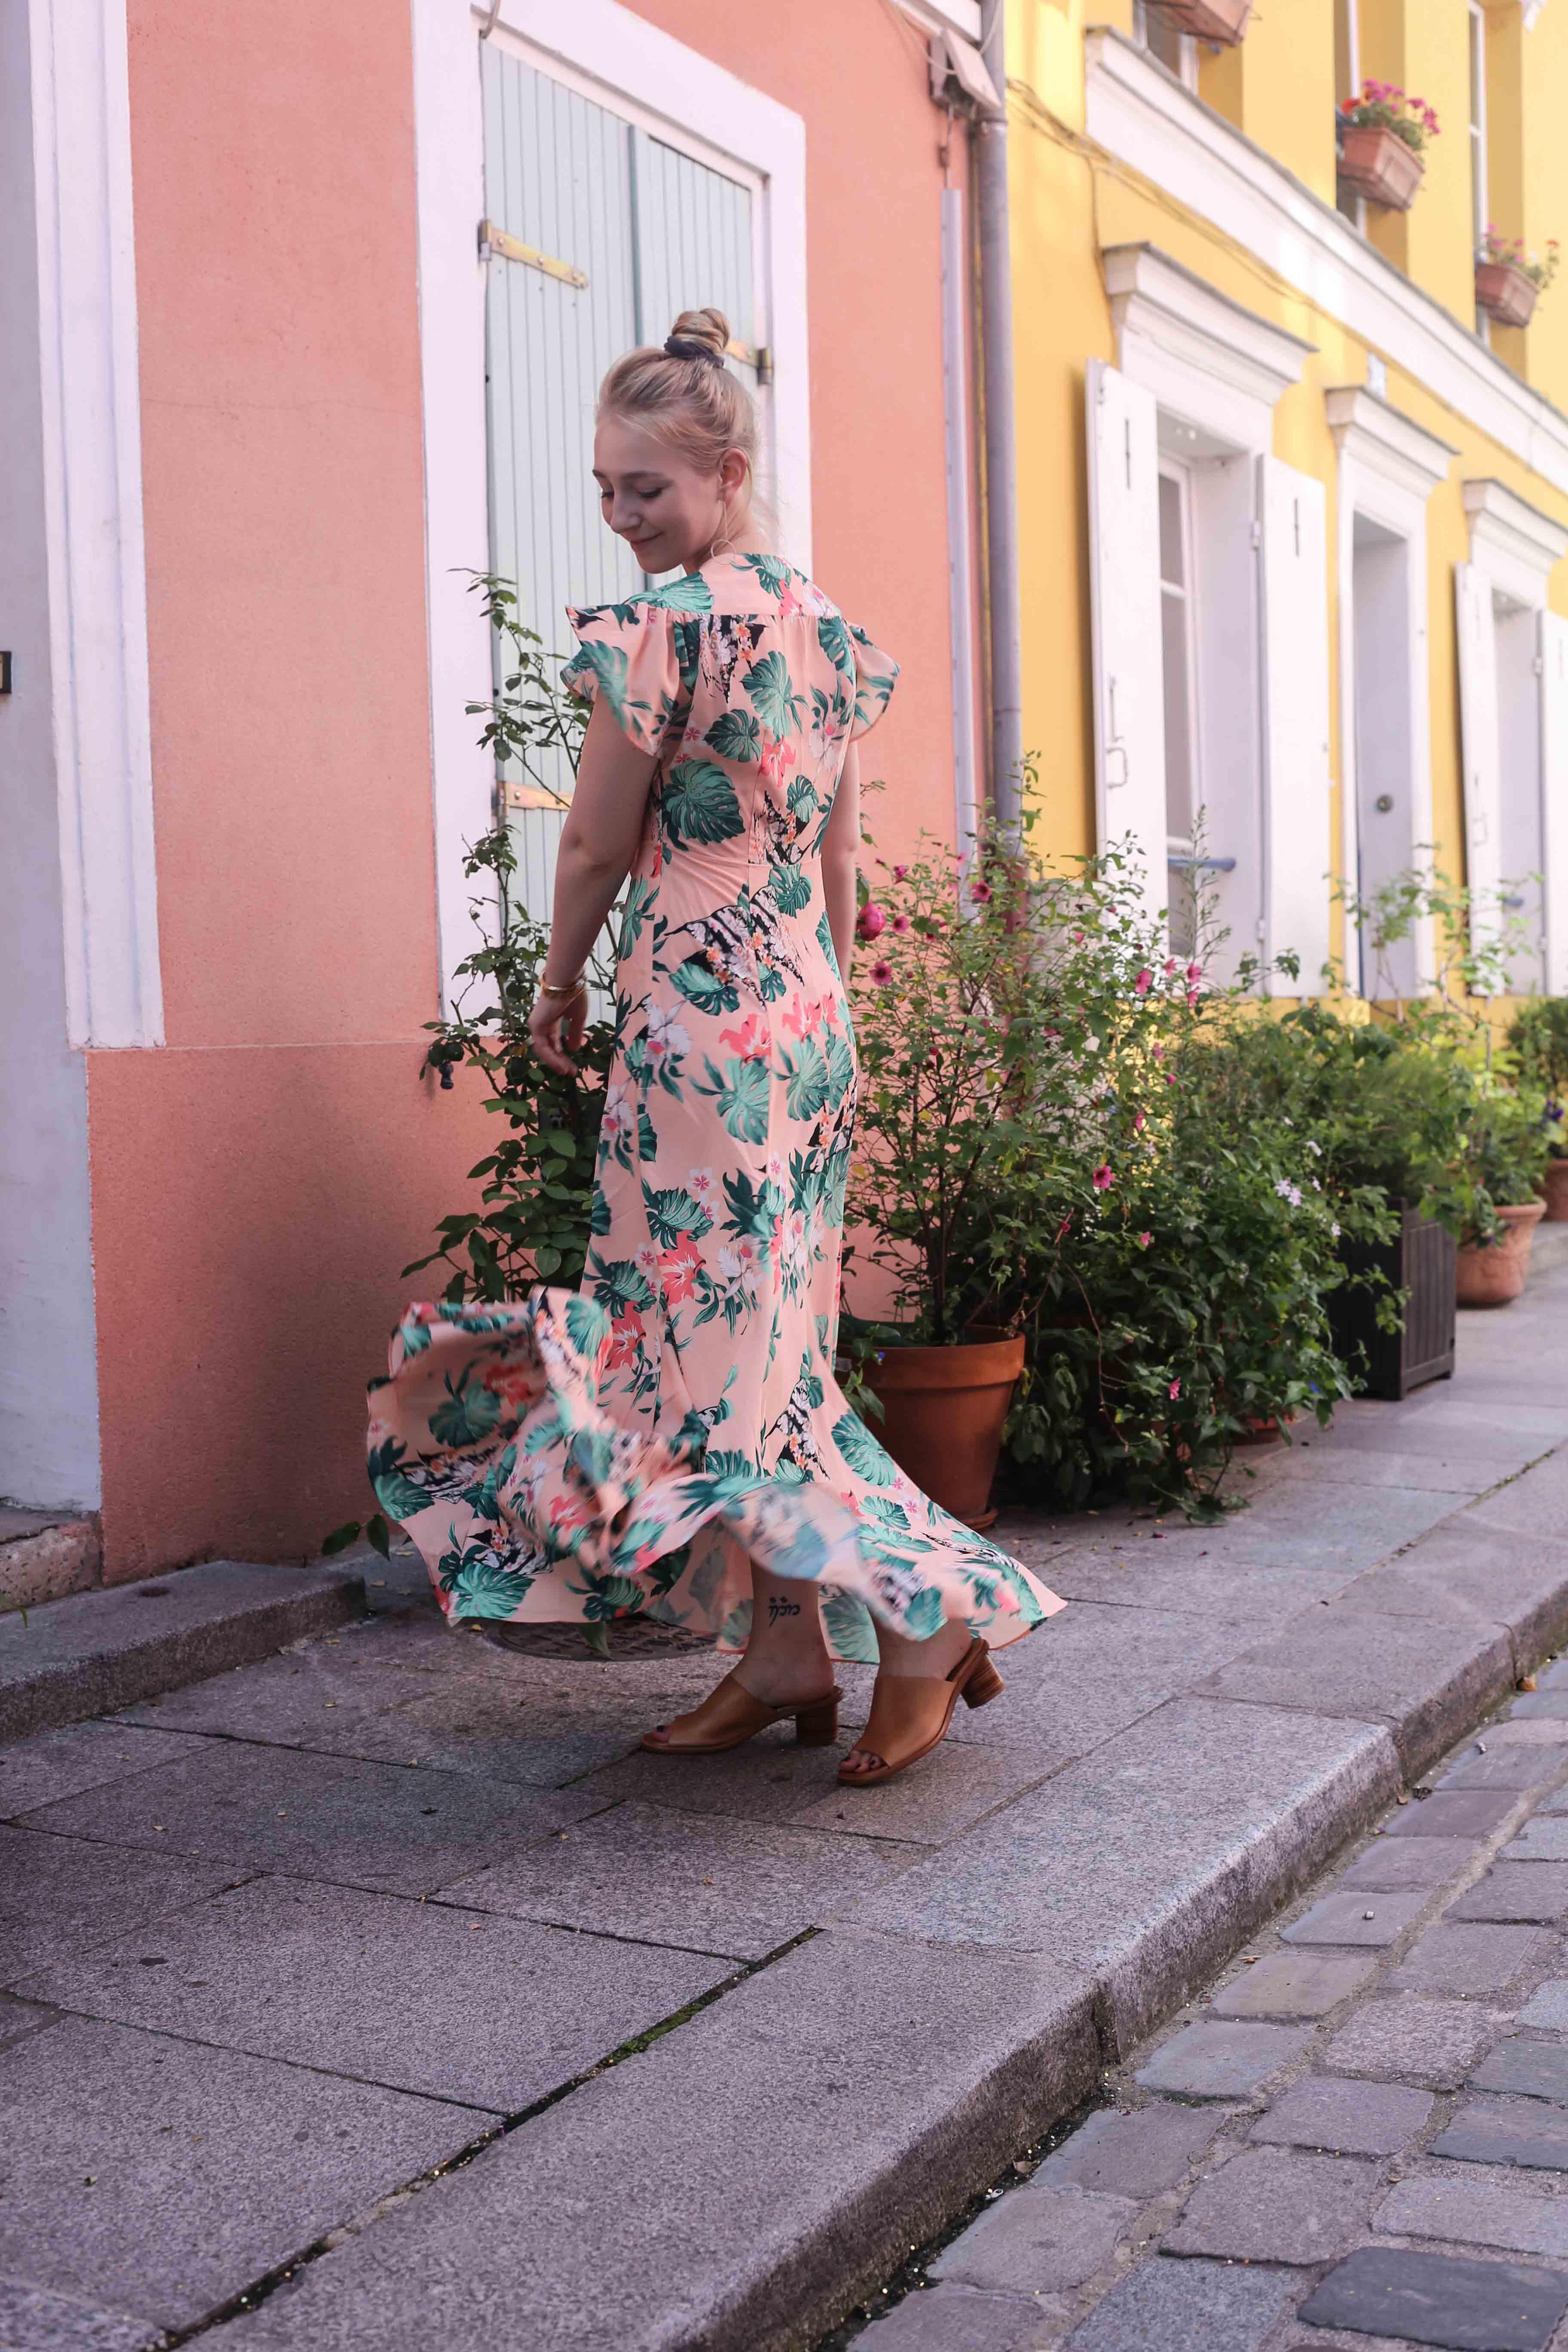 apricot-maxikleid-mules-sommer-paris-outfit-fashionblog-modeblog_1008